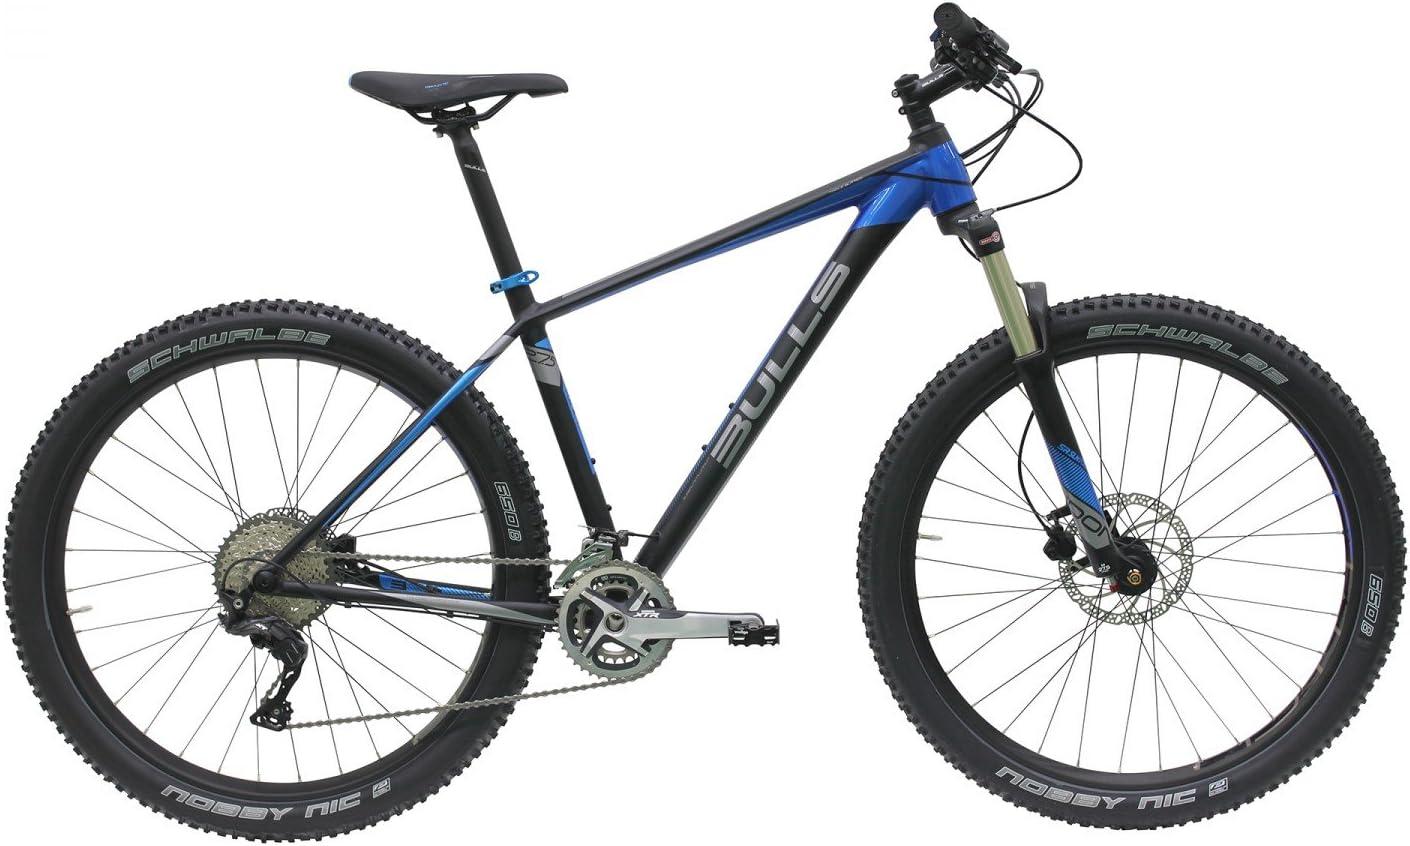 Bulls Bicicleta de montaña Copperhead, 27,5 pulgadas, color ...